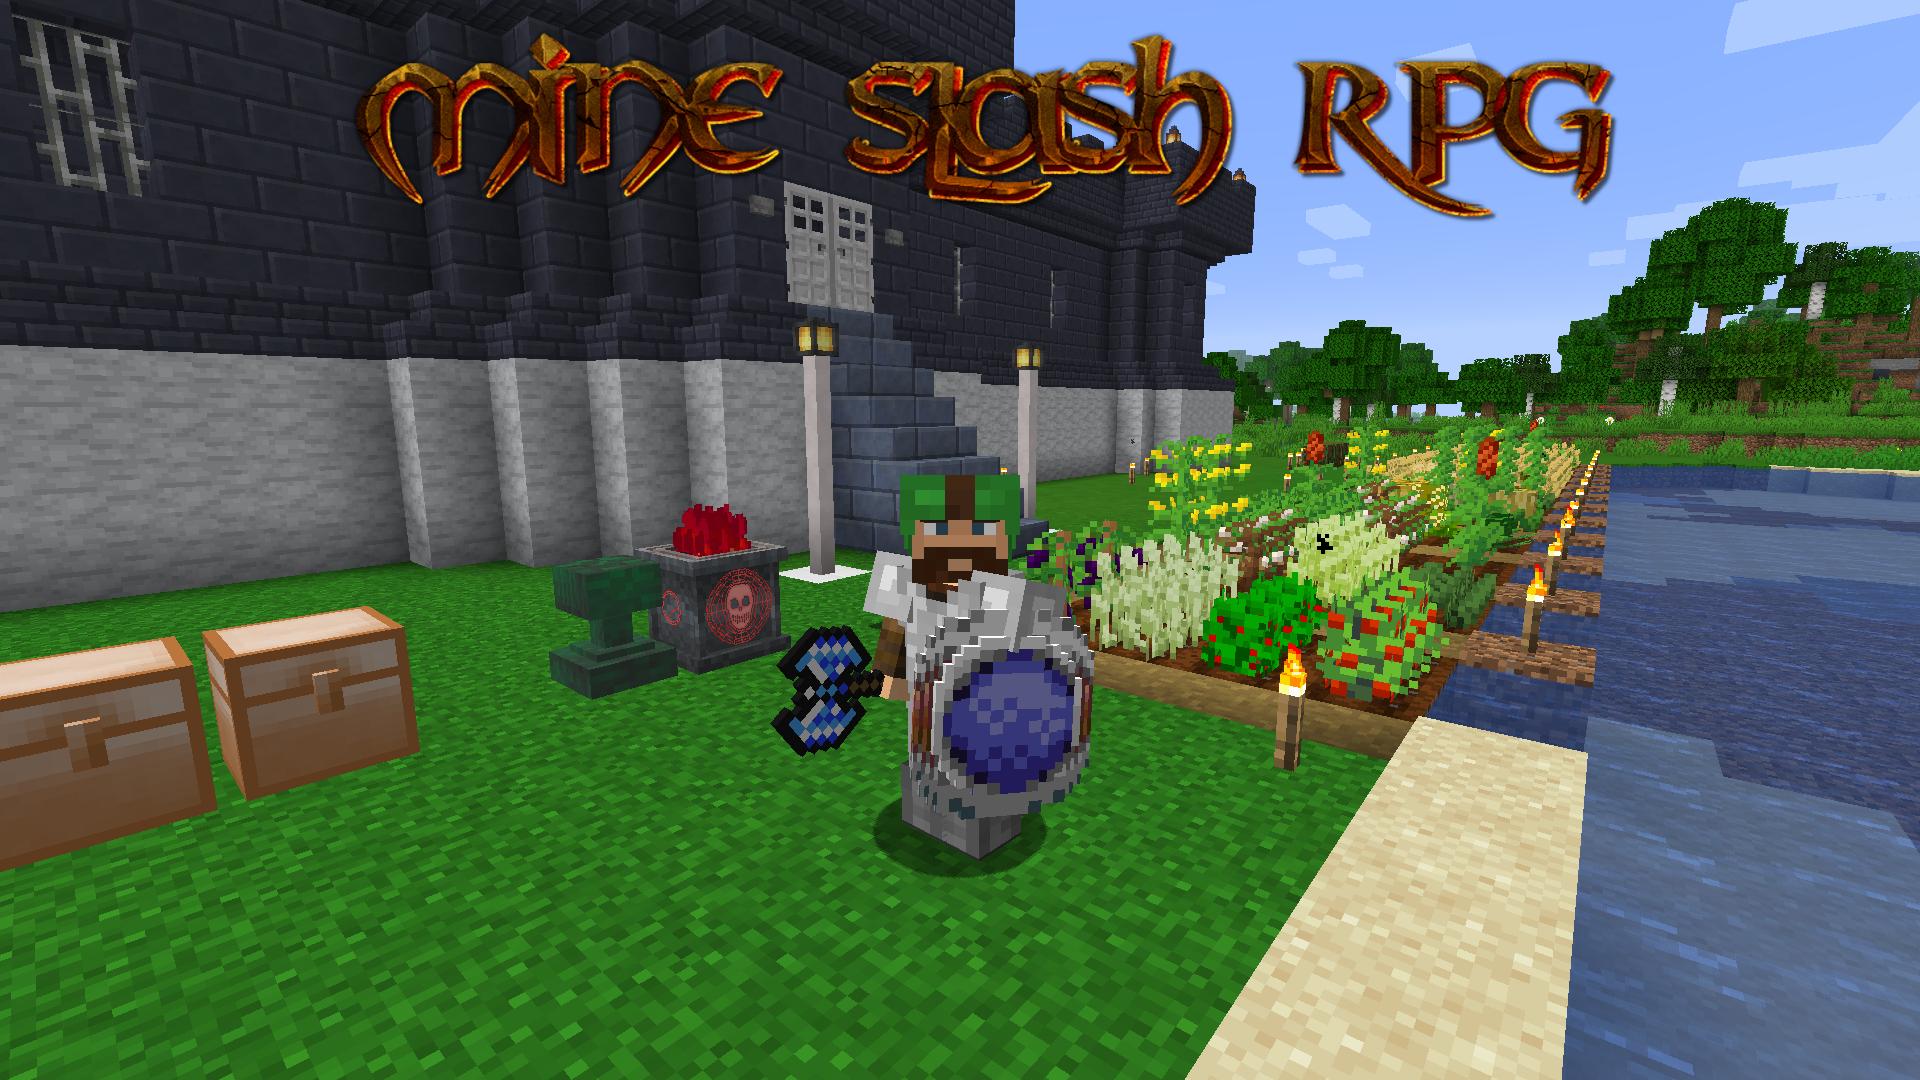 Mine Slash RPG Modpacks Minecraft CurseForge